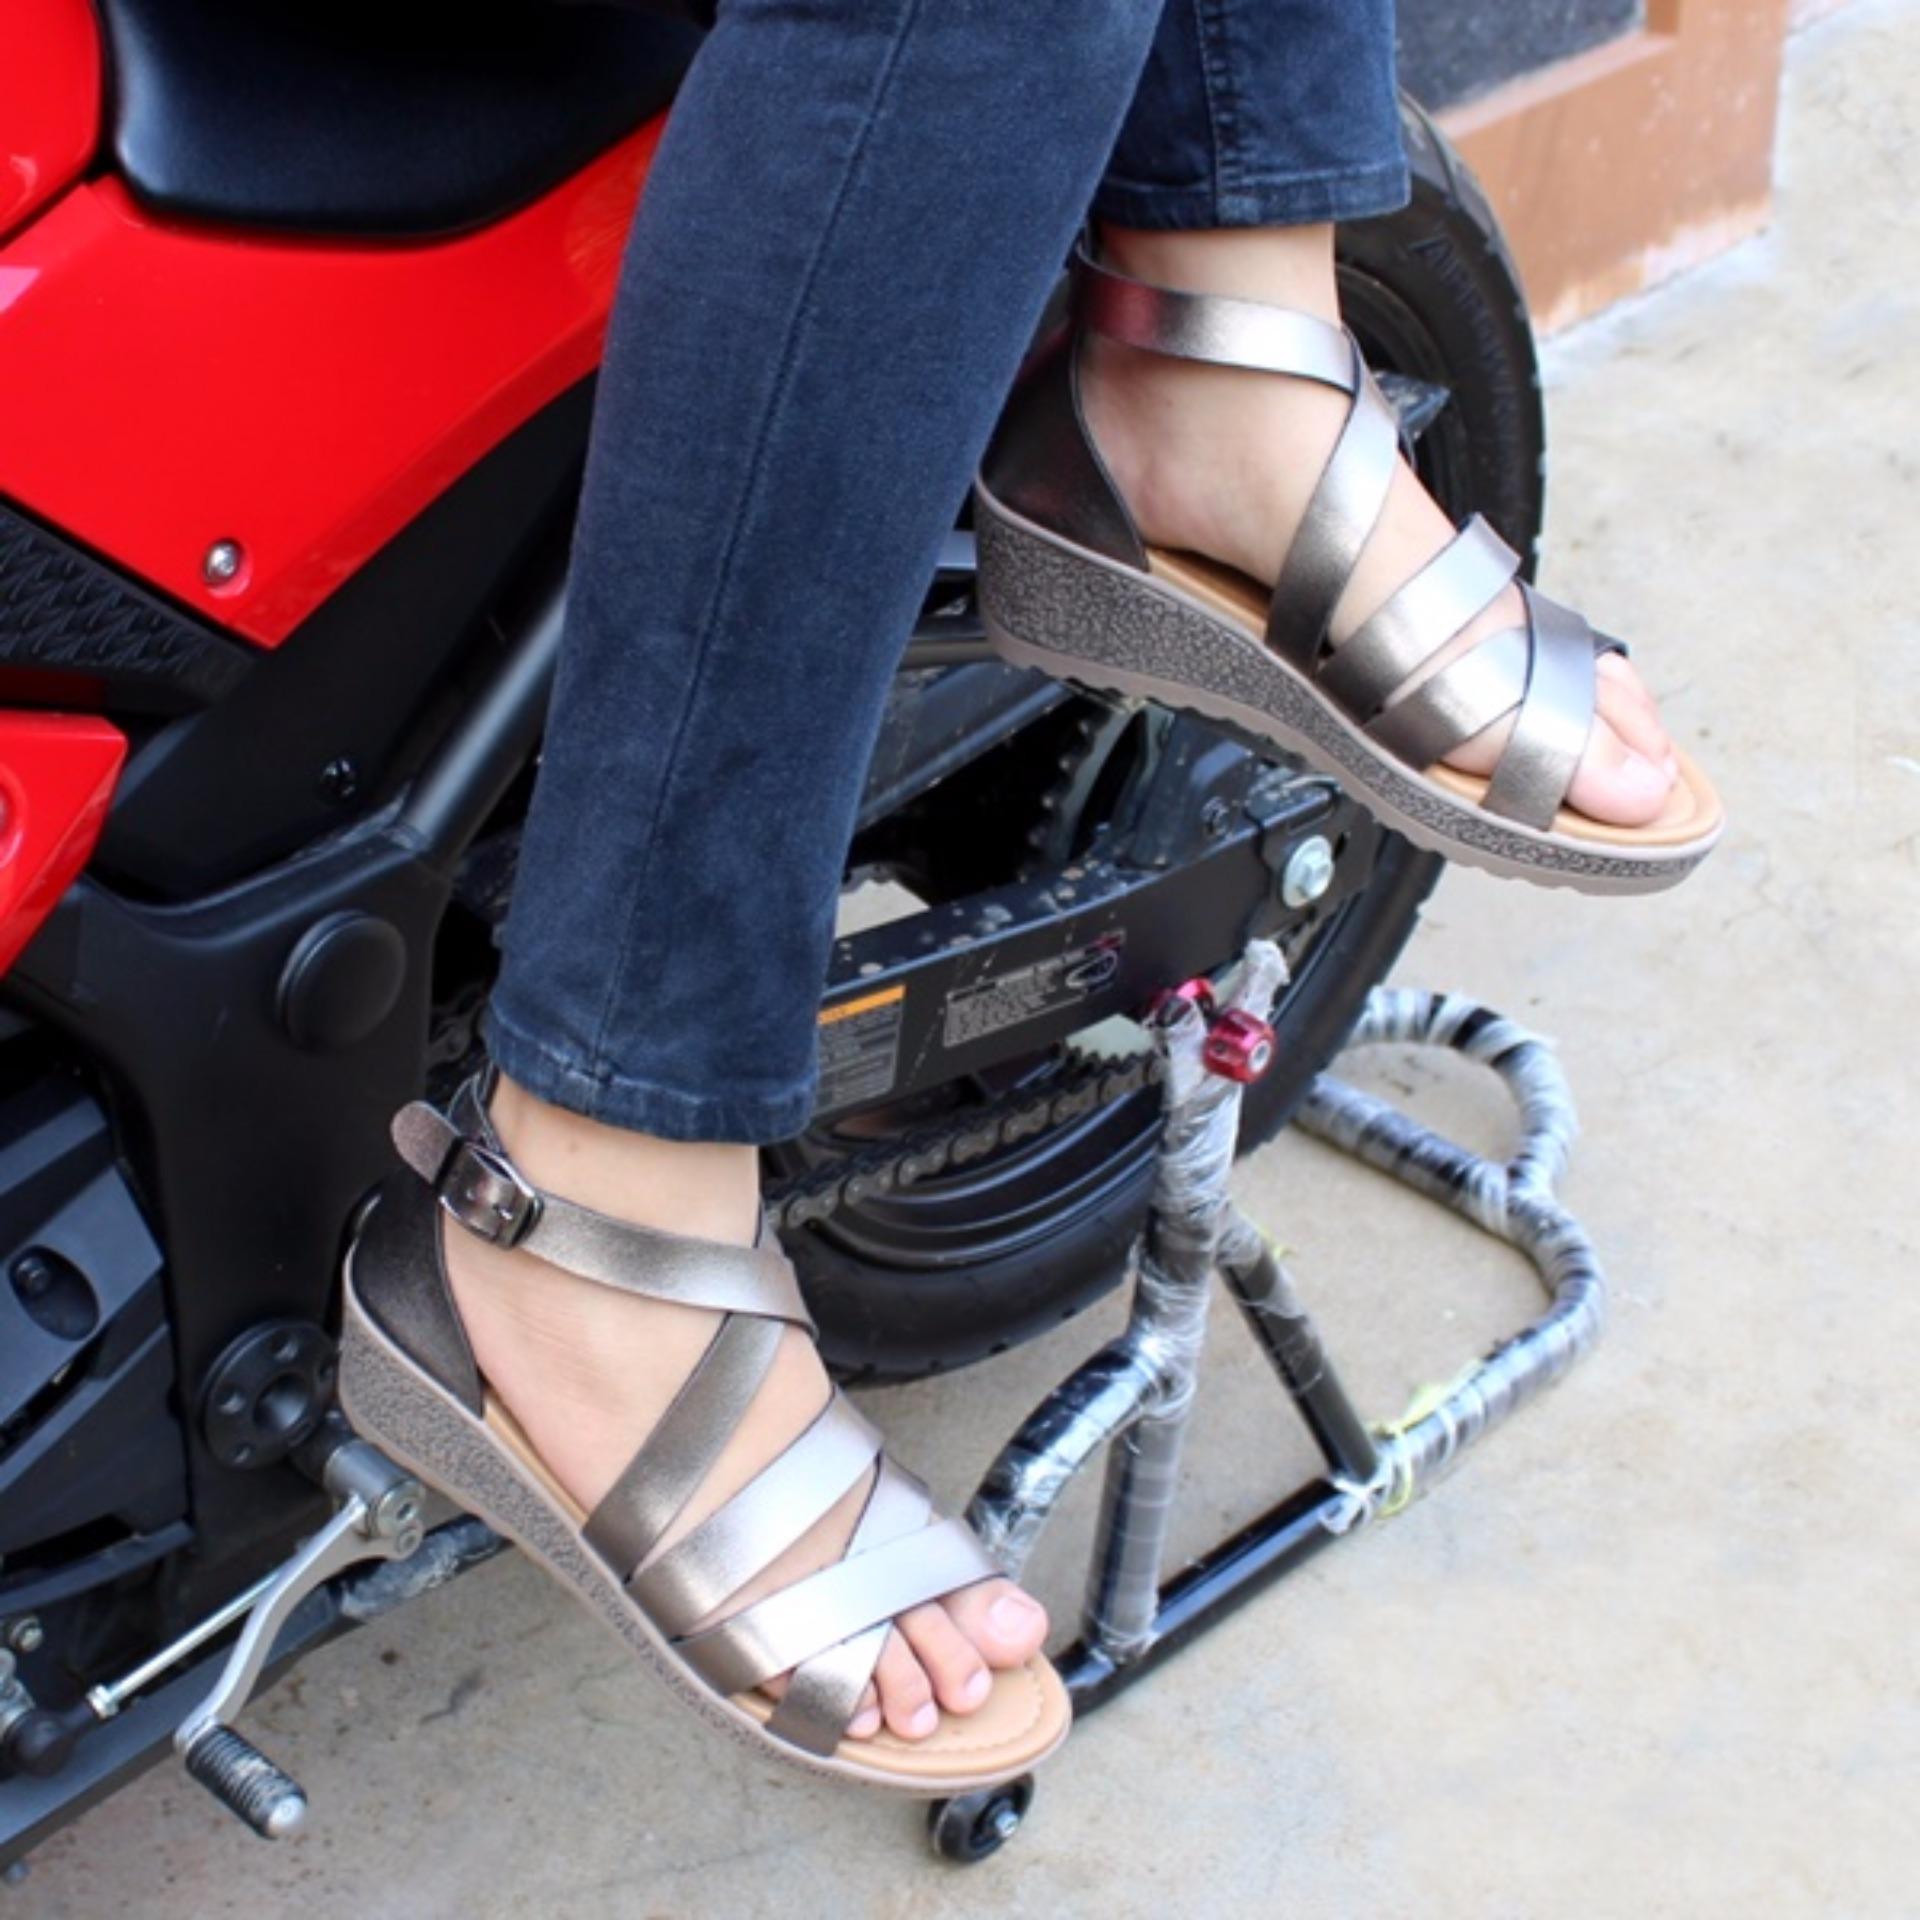 Sandal Wanita Flat Hm Gold Daftar Harga Terbaru & Terlengkap Indonesia Source · Sepatu Wanita Flat